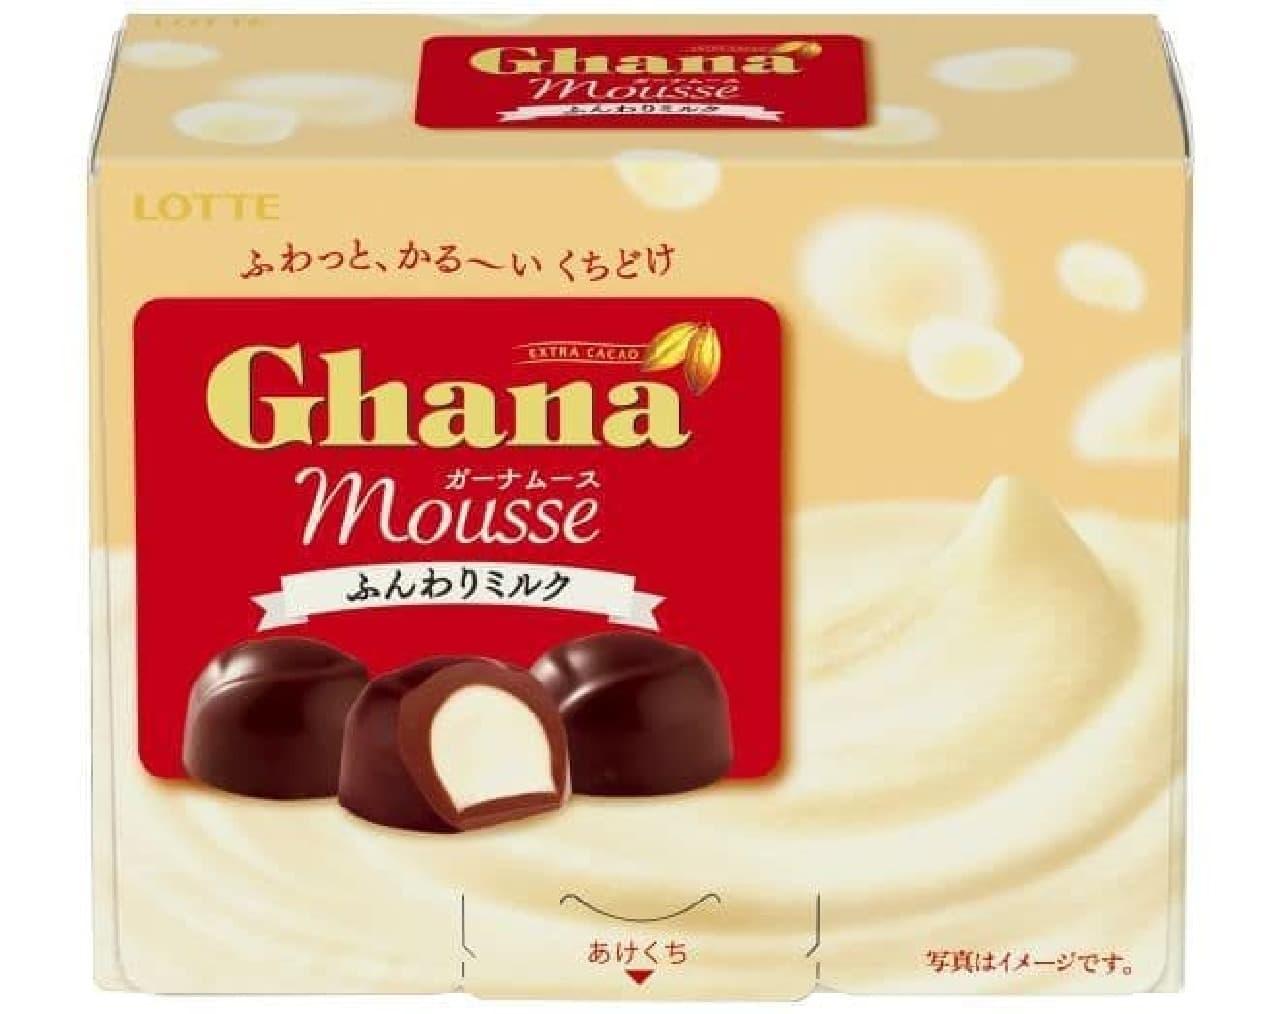 ガーナムース<ふんわりミルク>は、軽いくちどけに仕上げられたホワイトチョコムースをガーナミルクで包んだ2層のチョコレート